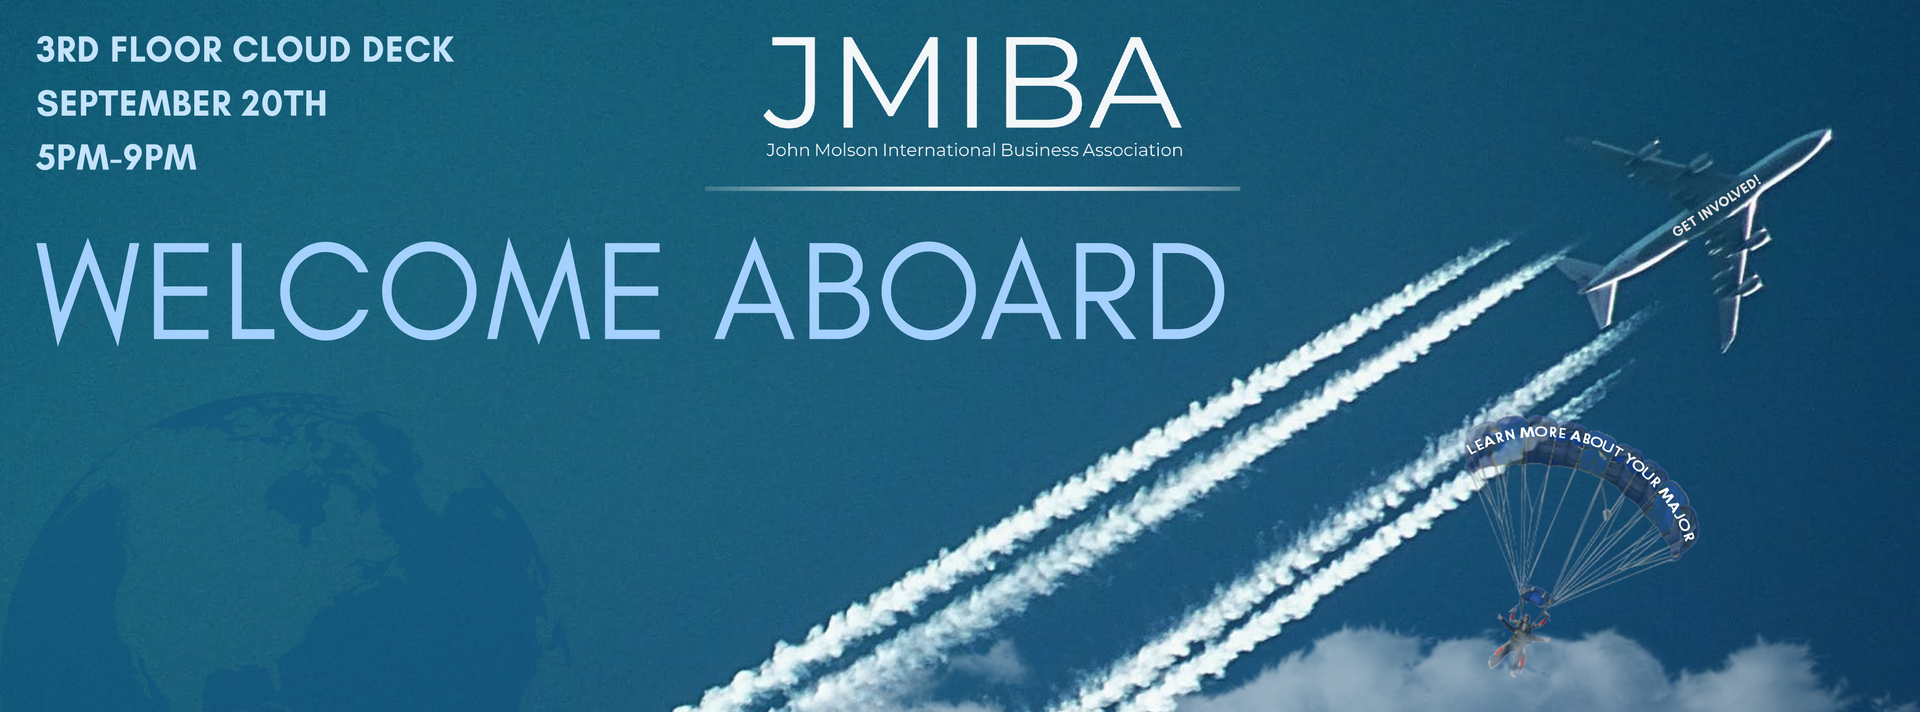 Digital media marketing agency social media marketing graphic design JB Digital Media JBDM